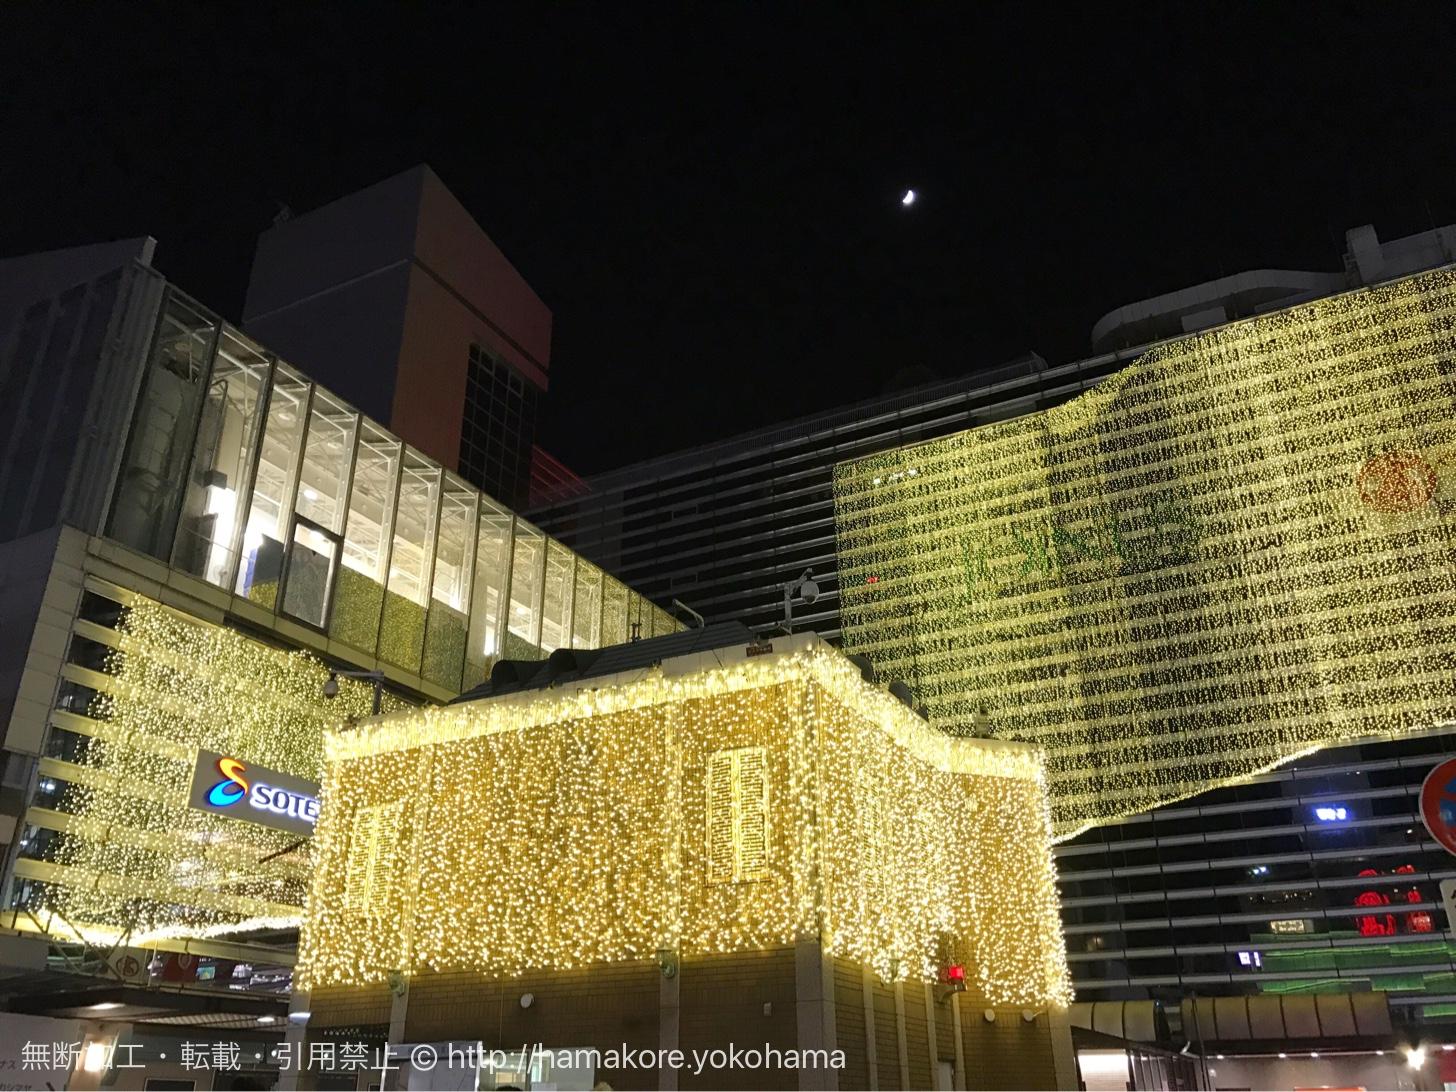 横浜駅西口 イルミネーション